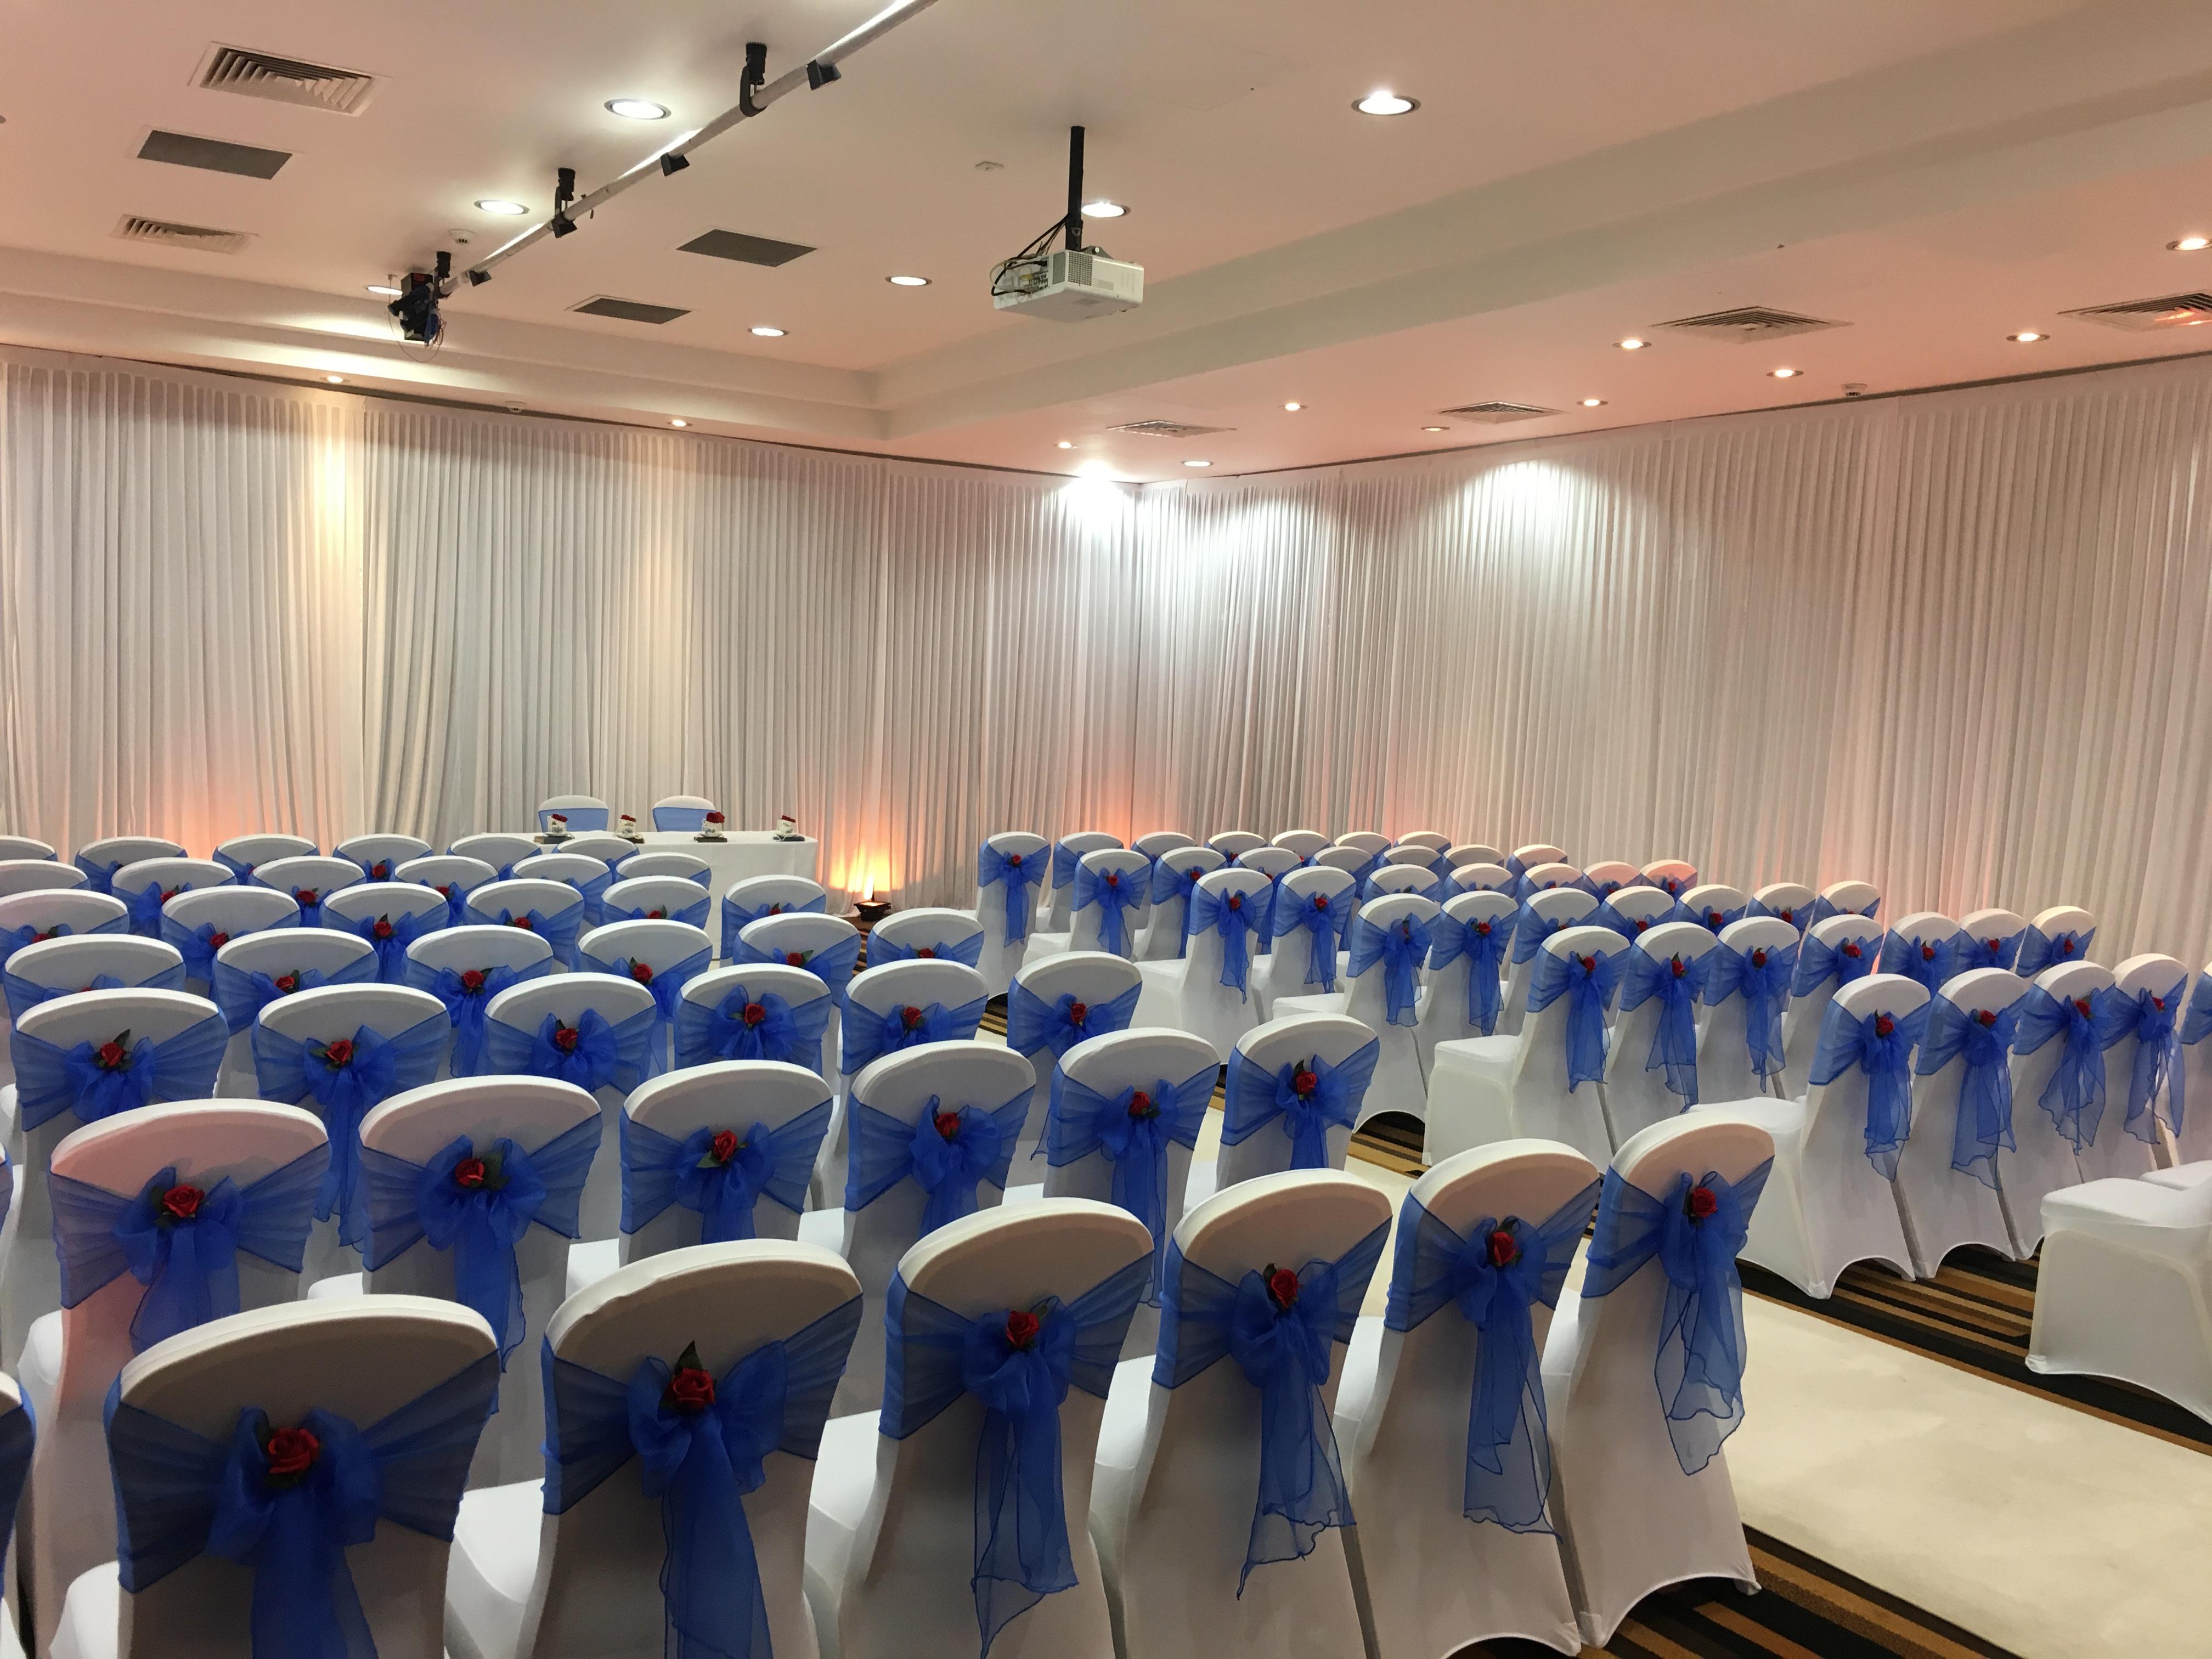 Best Of British - St Pauls Mercure Sheffield Sophia's Final Touch - Venue Styling - Weddings